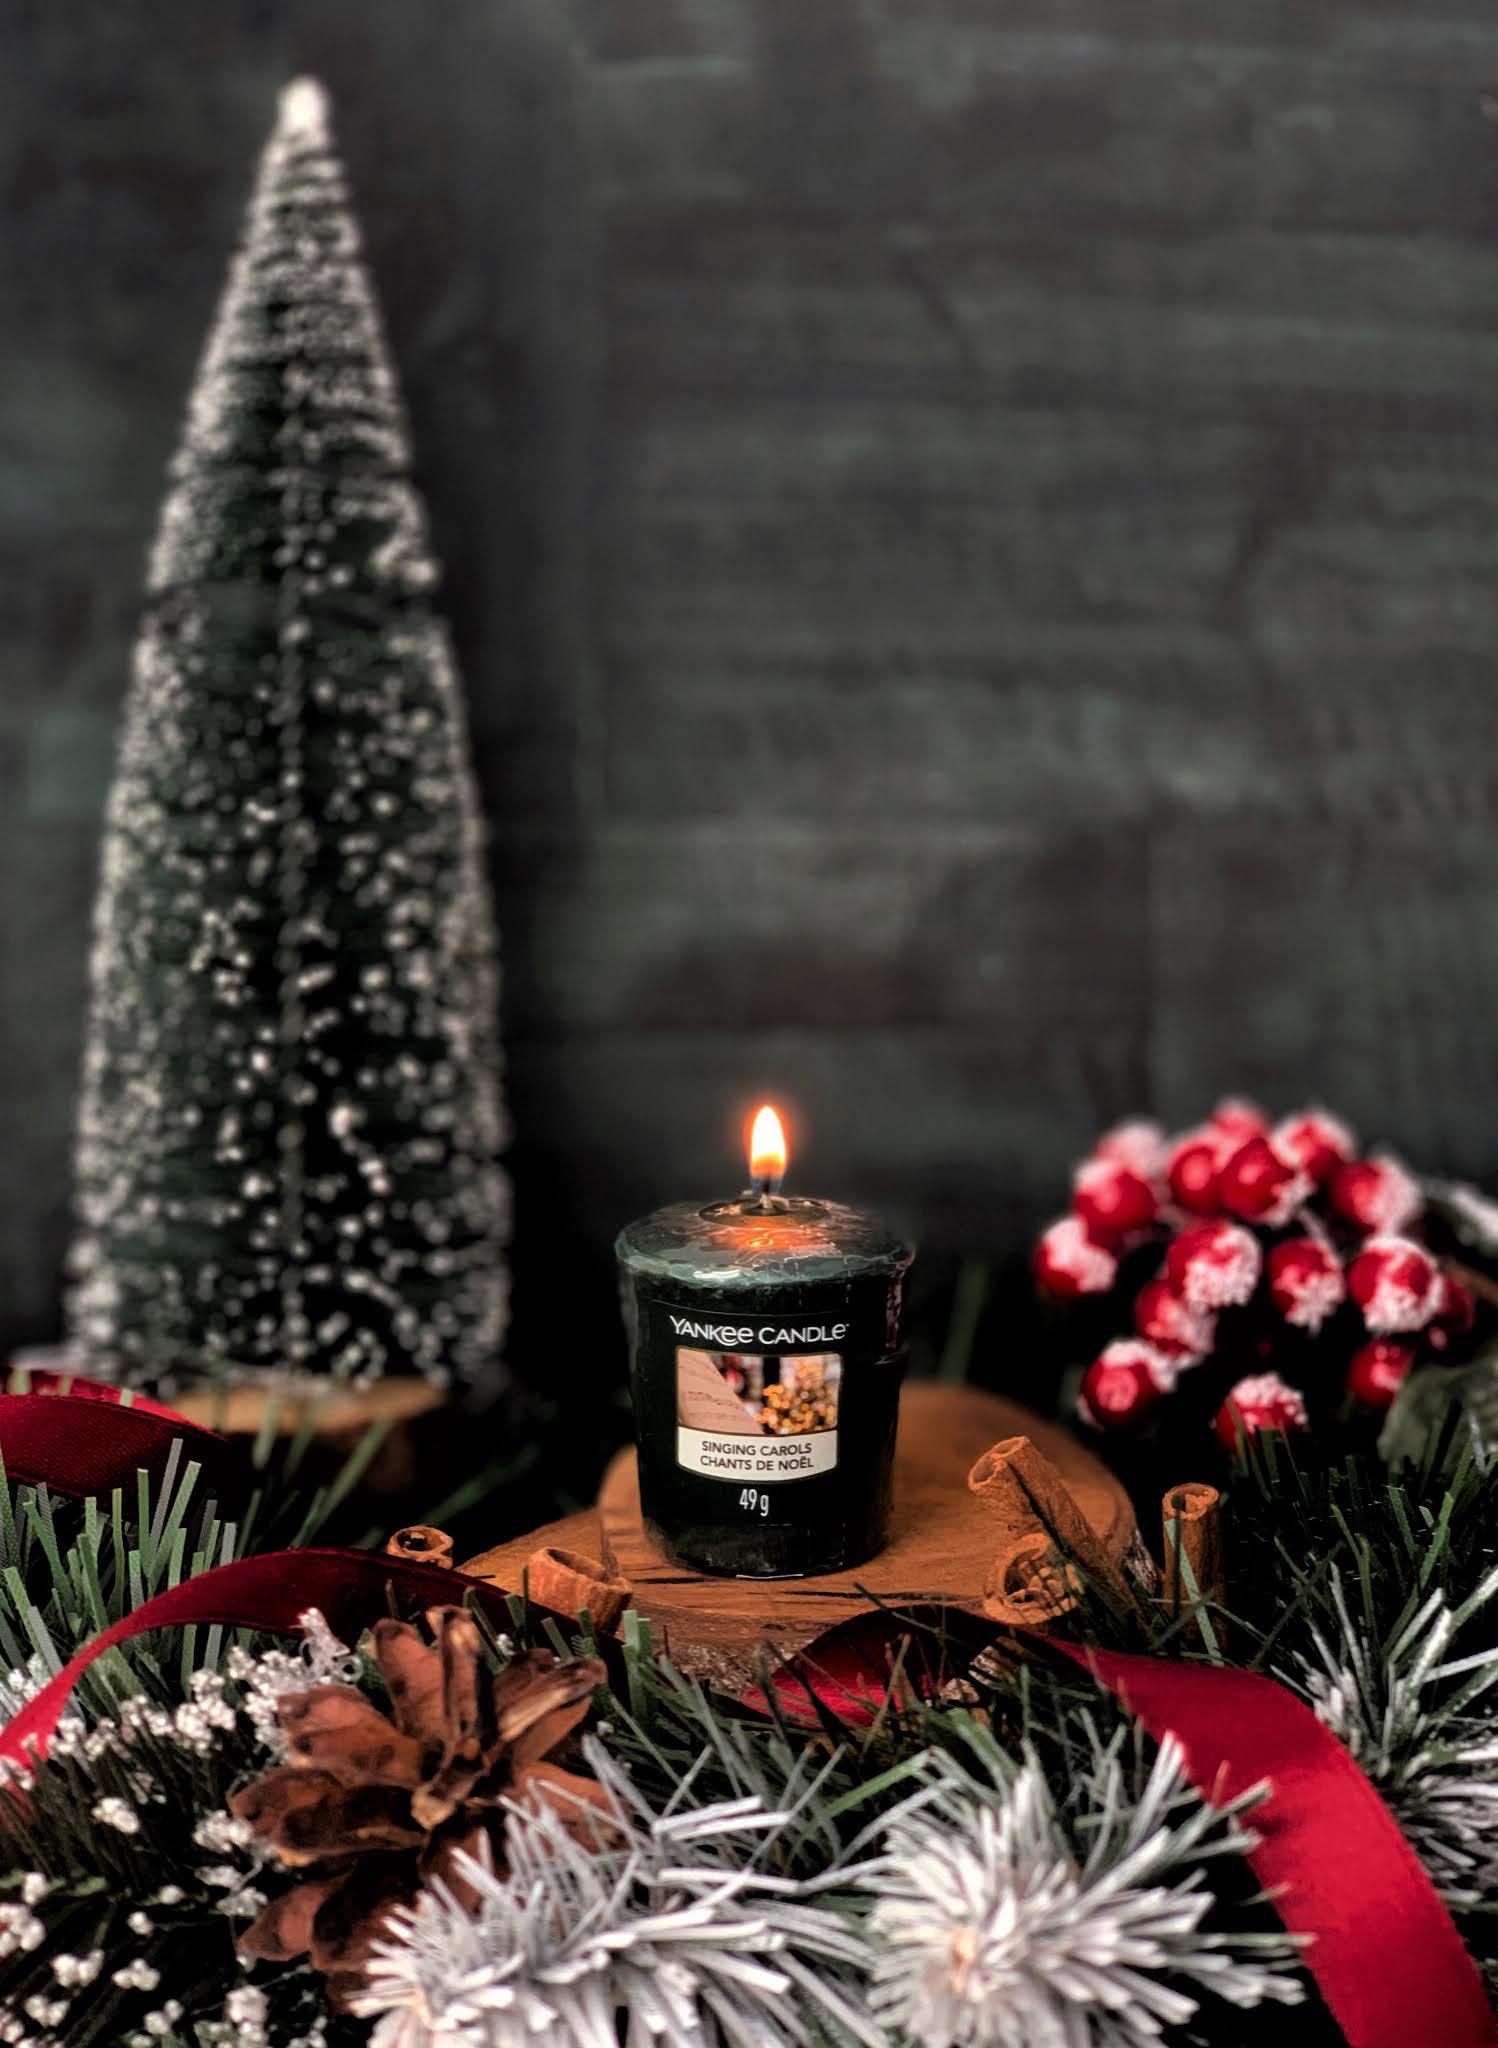 Singing-Carols-Yankee-Candle